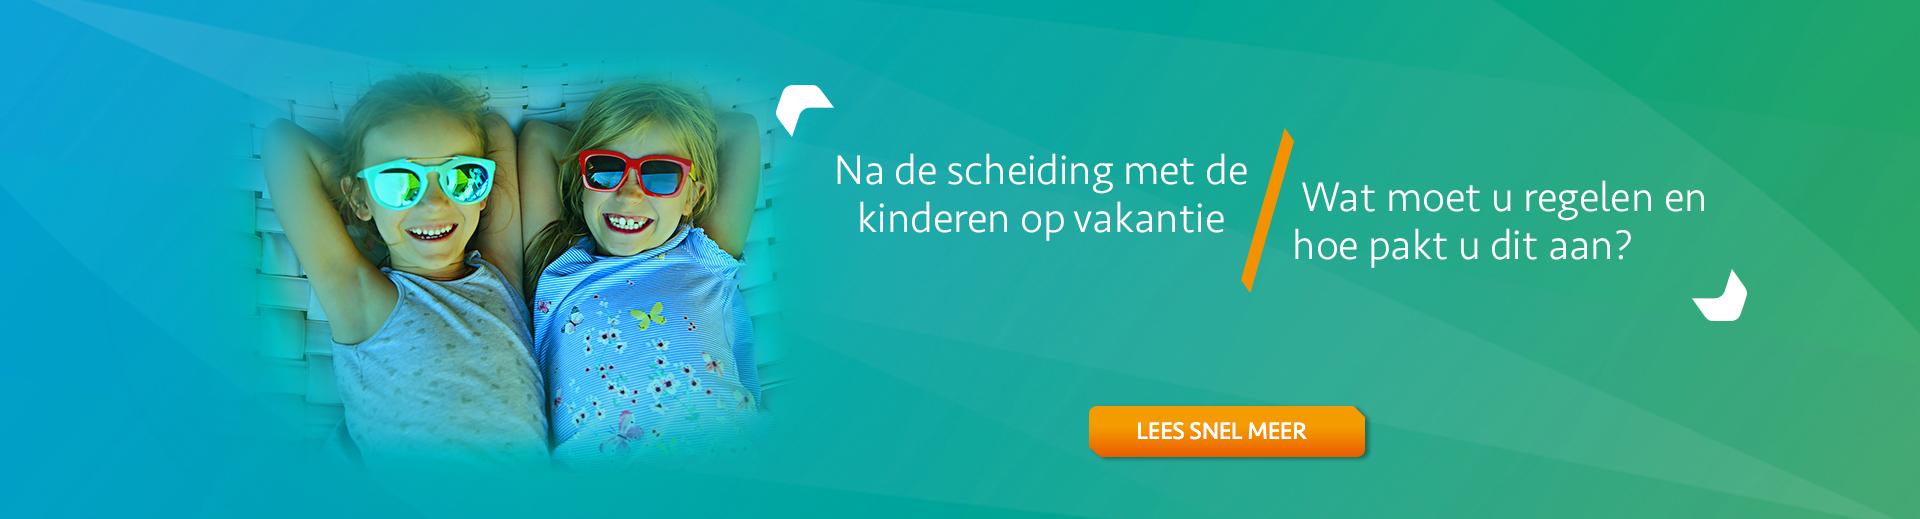 Op vakantie met de kinderen na de scheiding - Scheidingsplanner Hoofddorp - Badhoevedorp - Nieuw Vennep